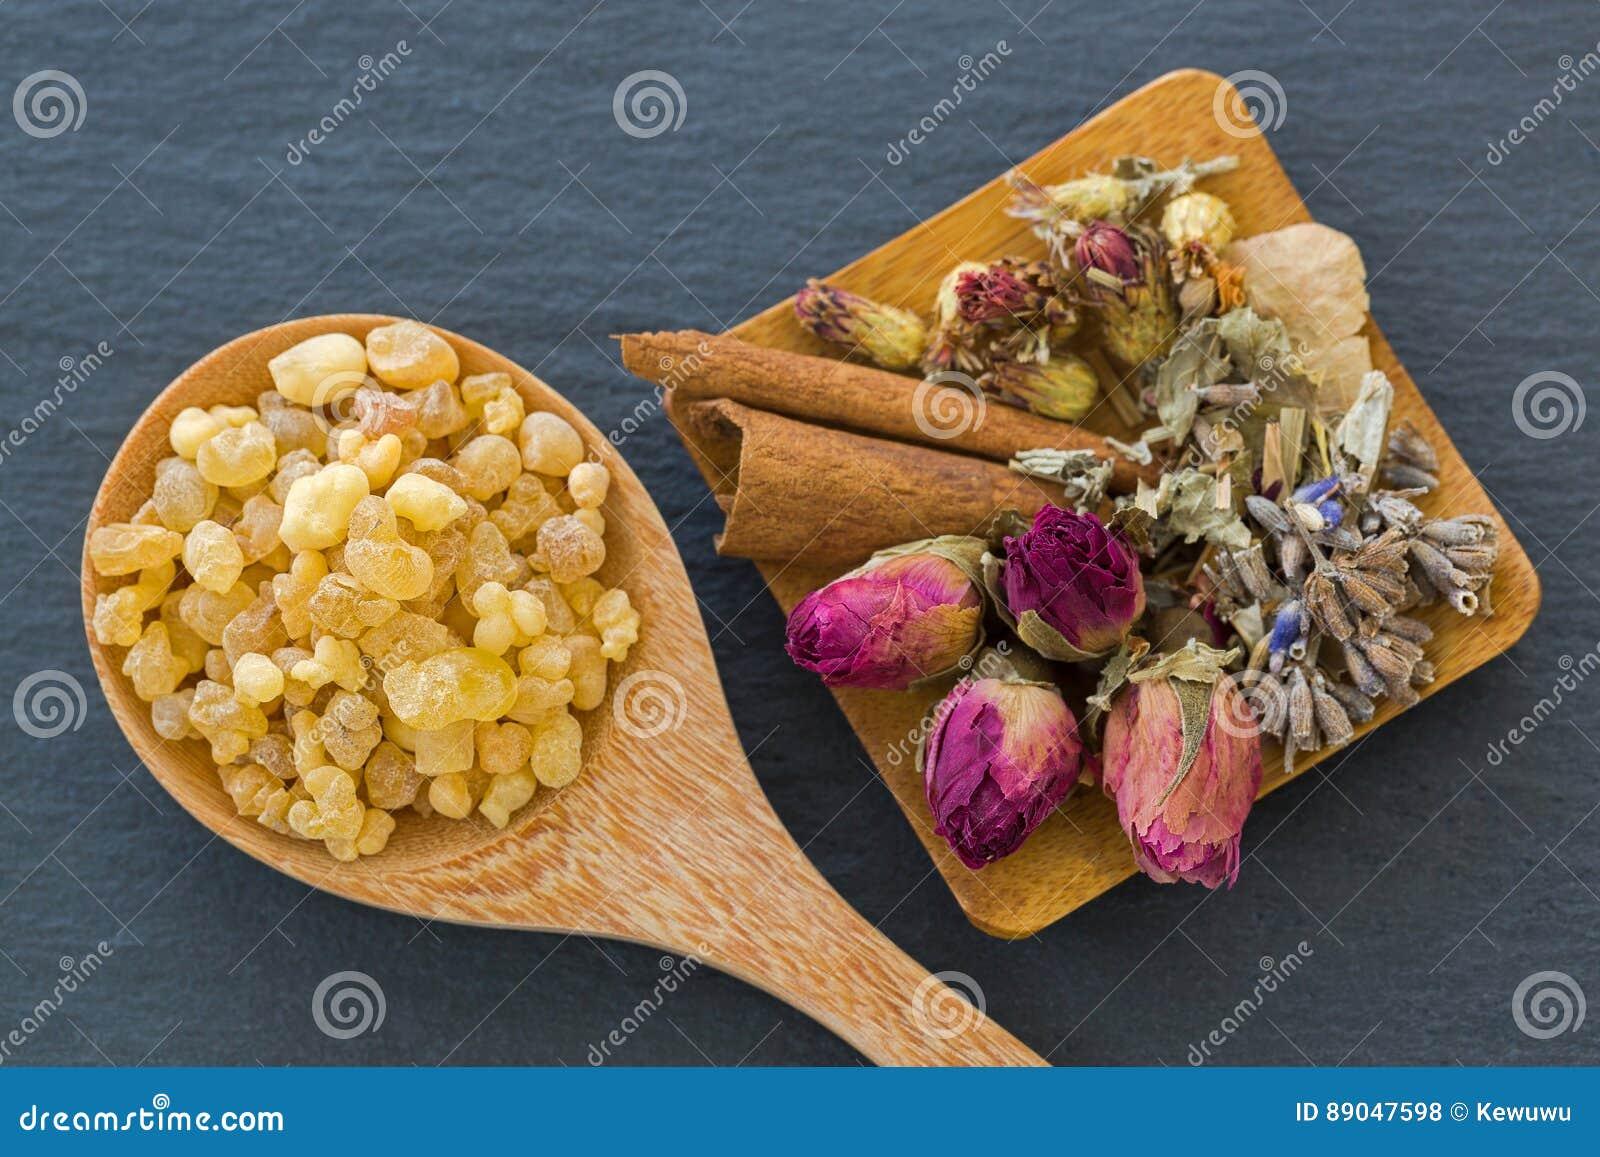 Drewniana łyżka aromatyczny żółty żywicy dziąsło obok wysuszonych kwiatów